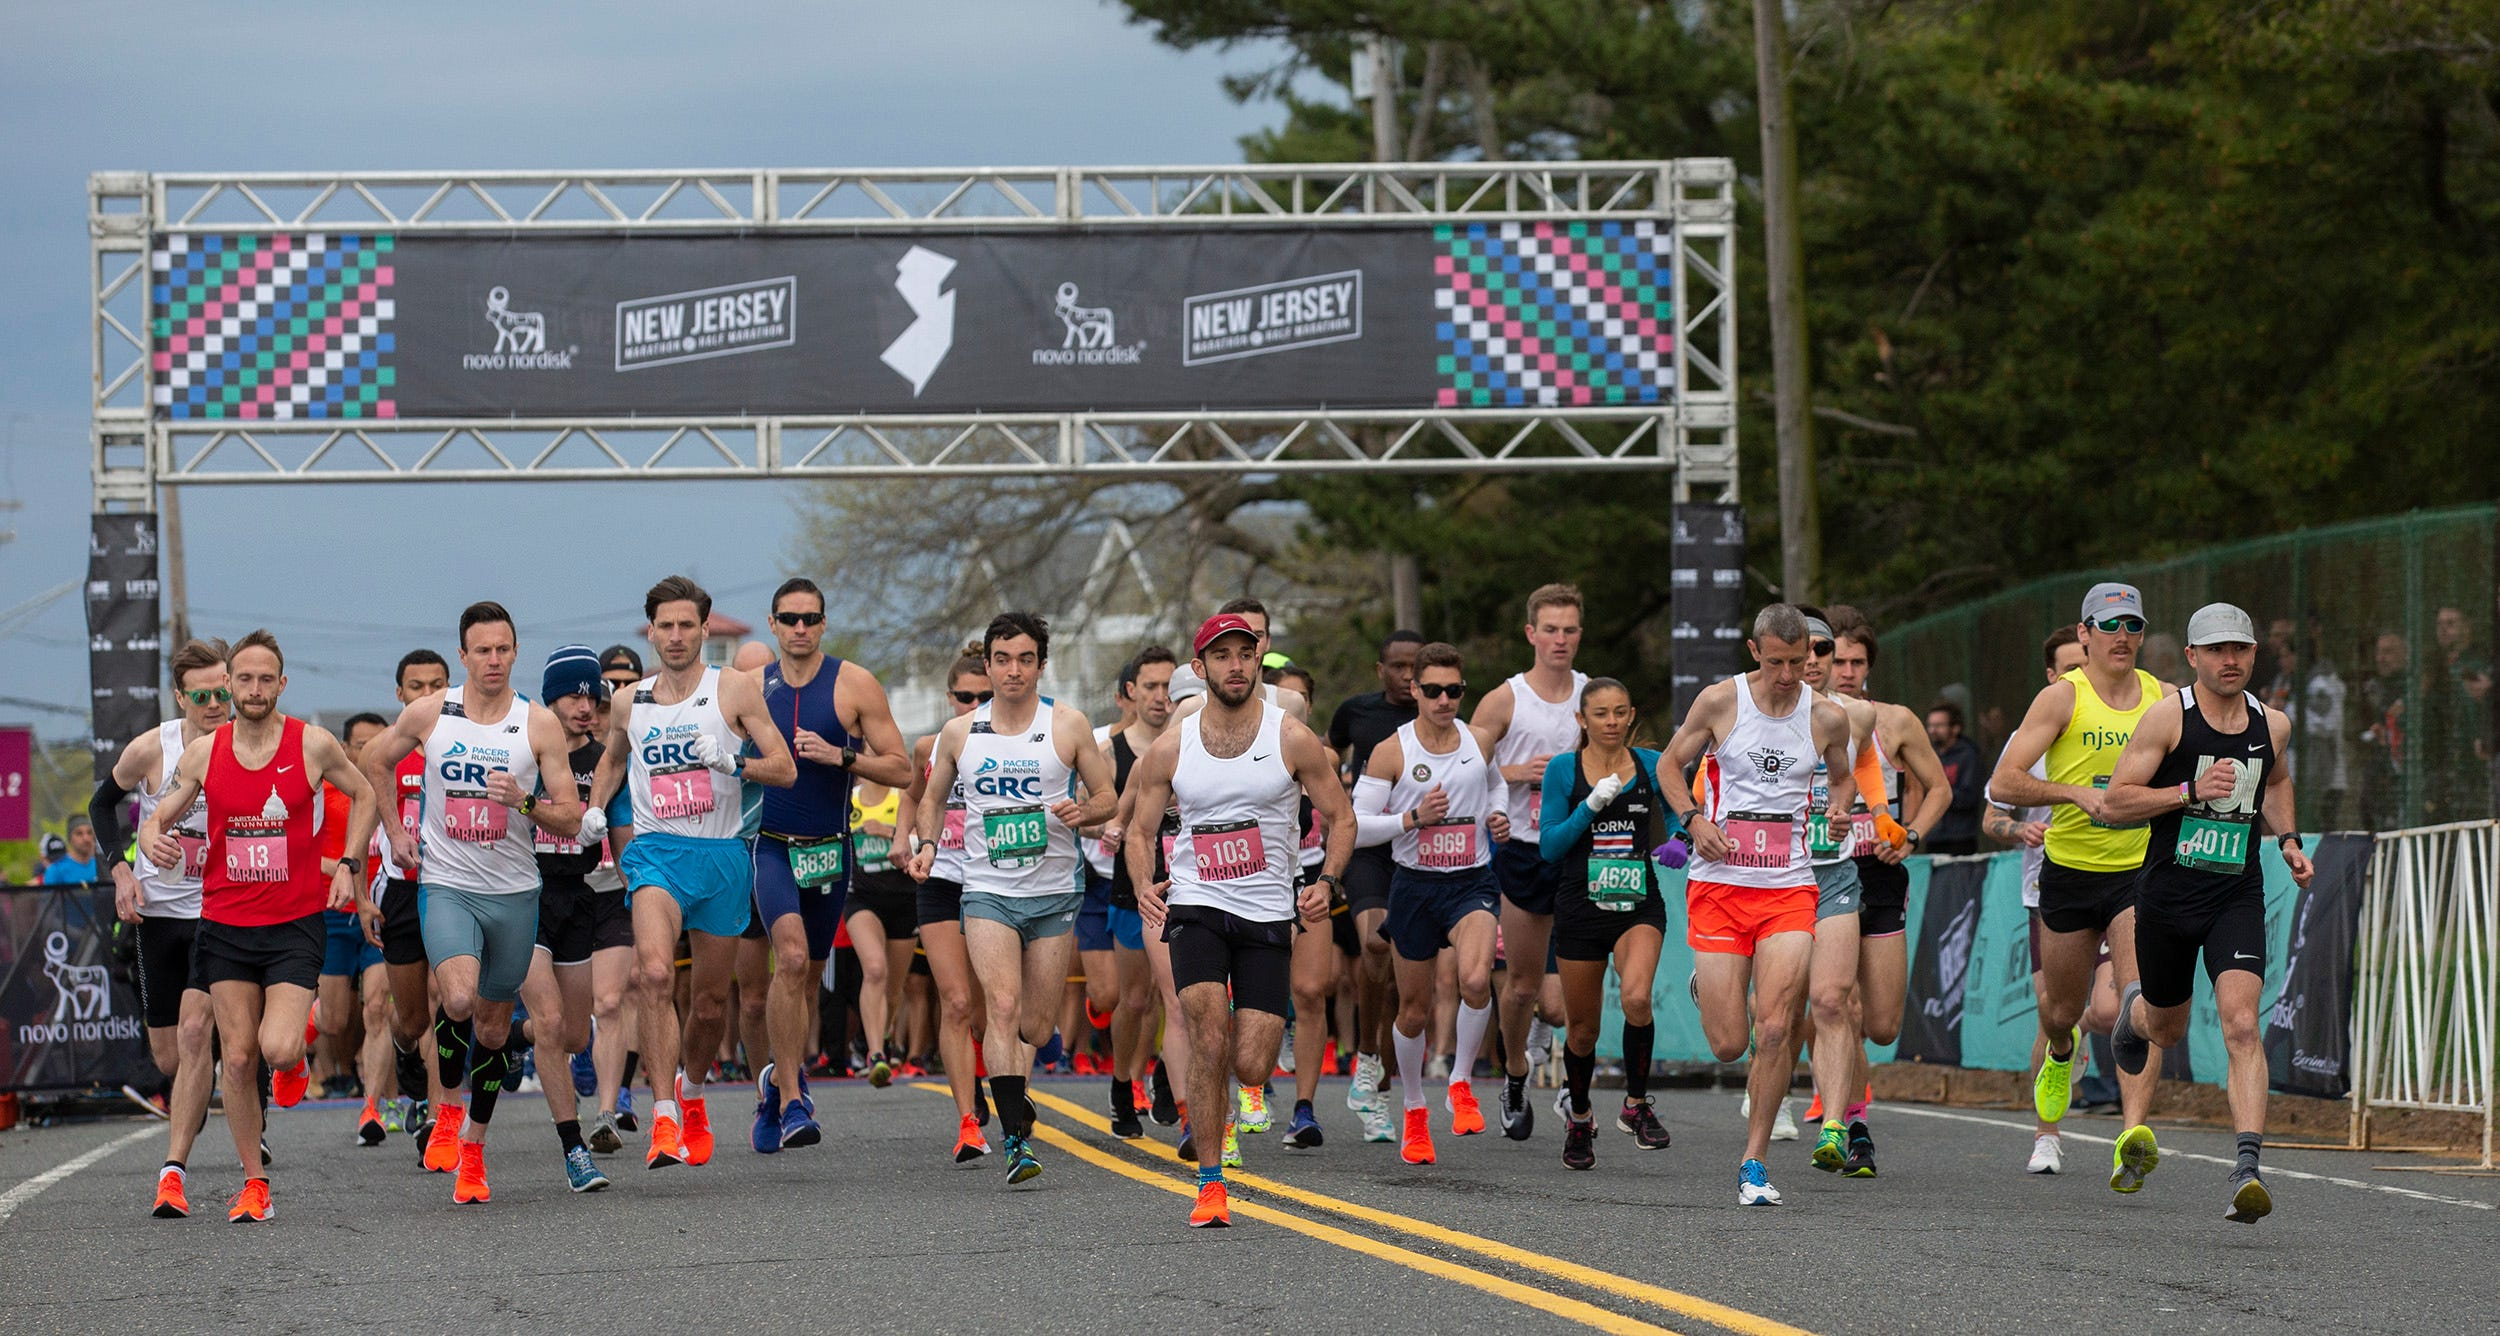 NJ Marathon 2019: Thousands participate in Jersey Shore race